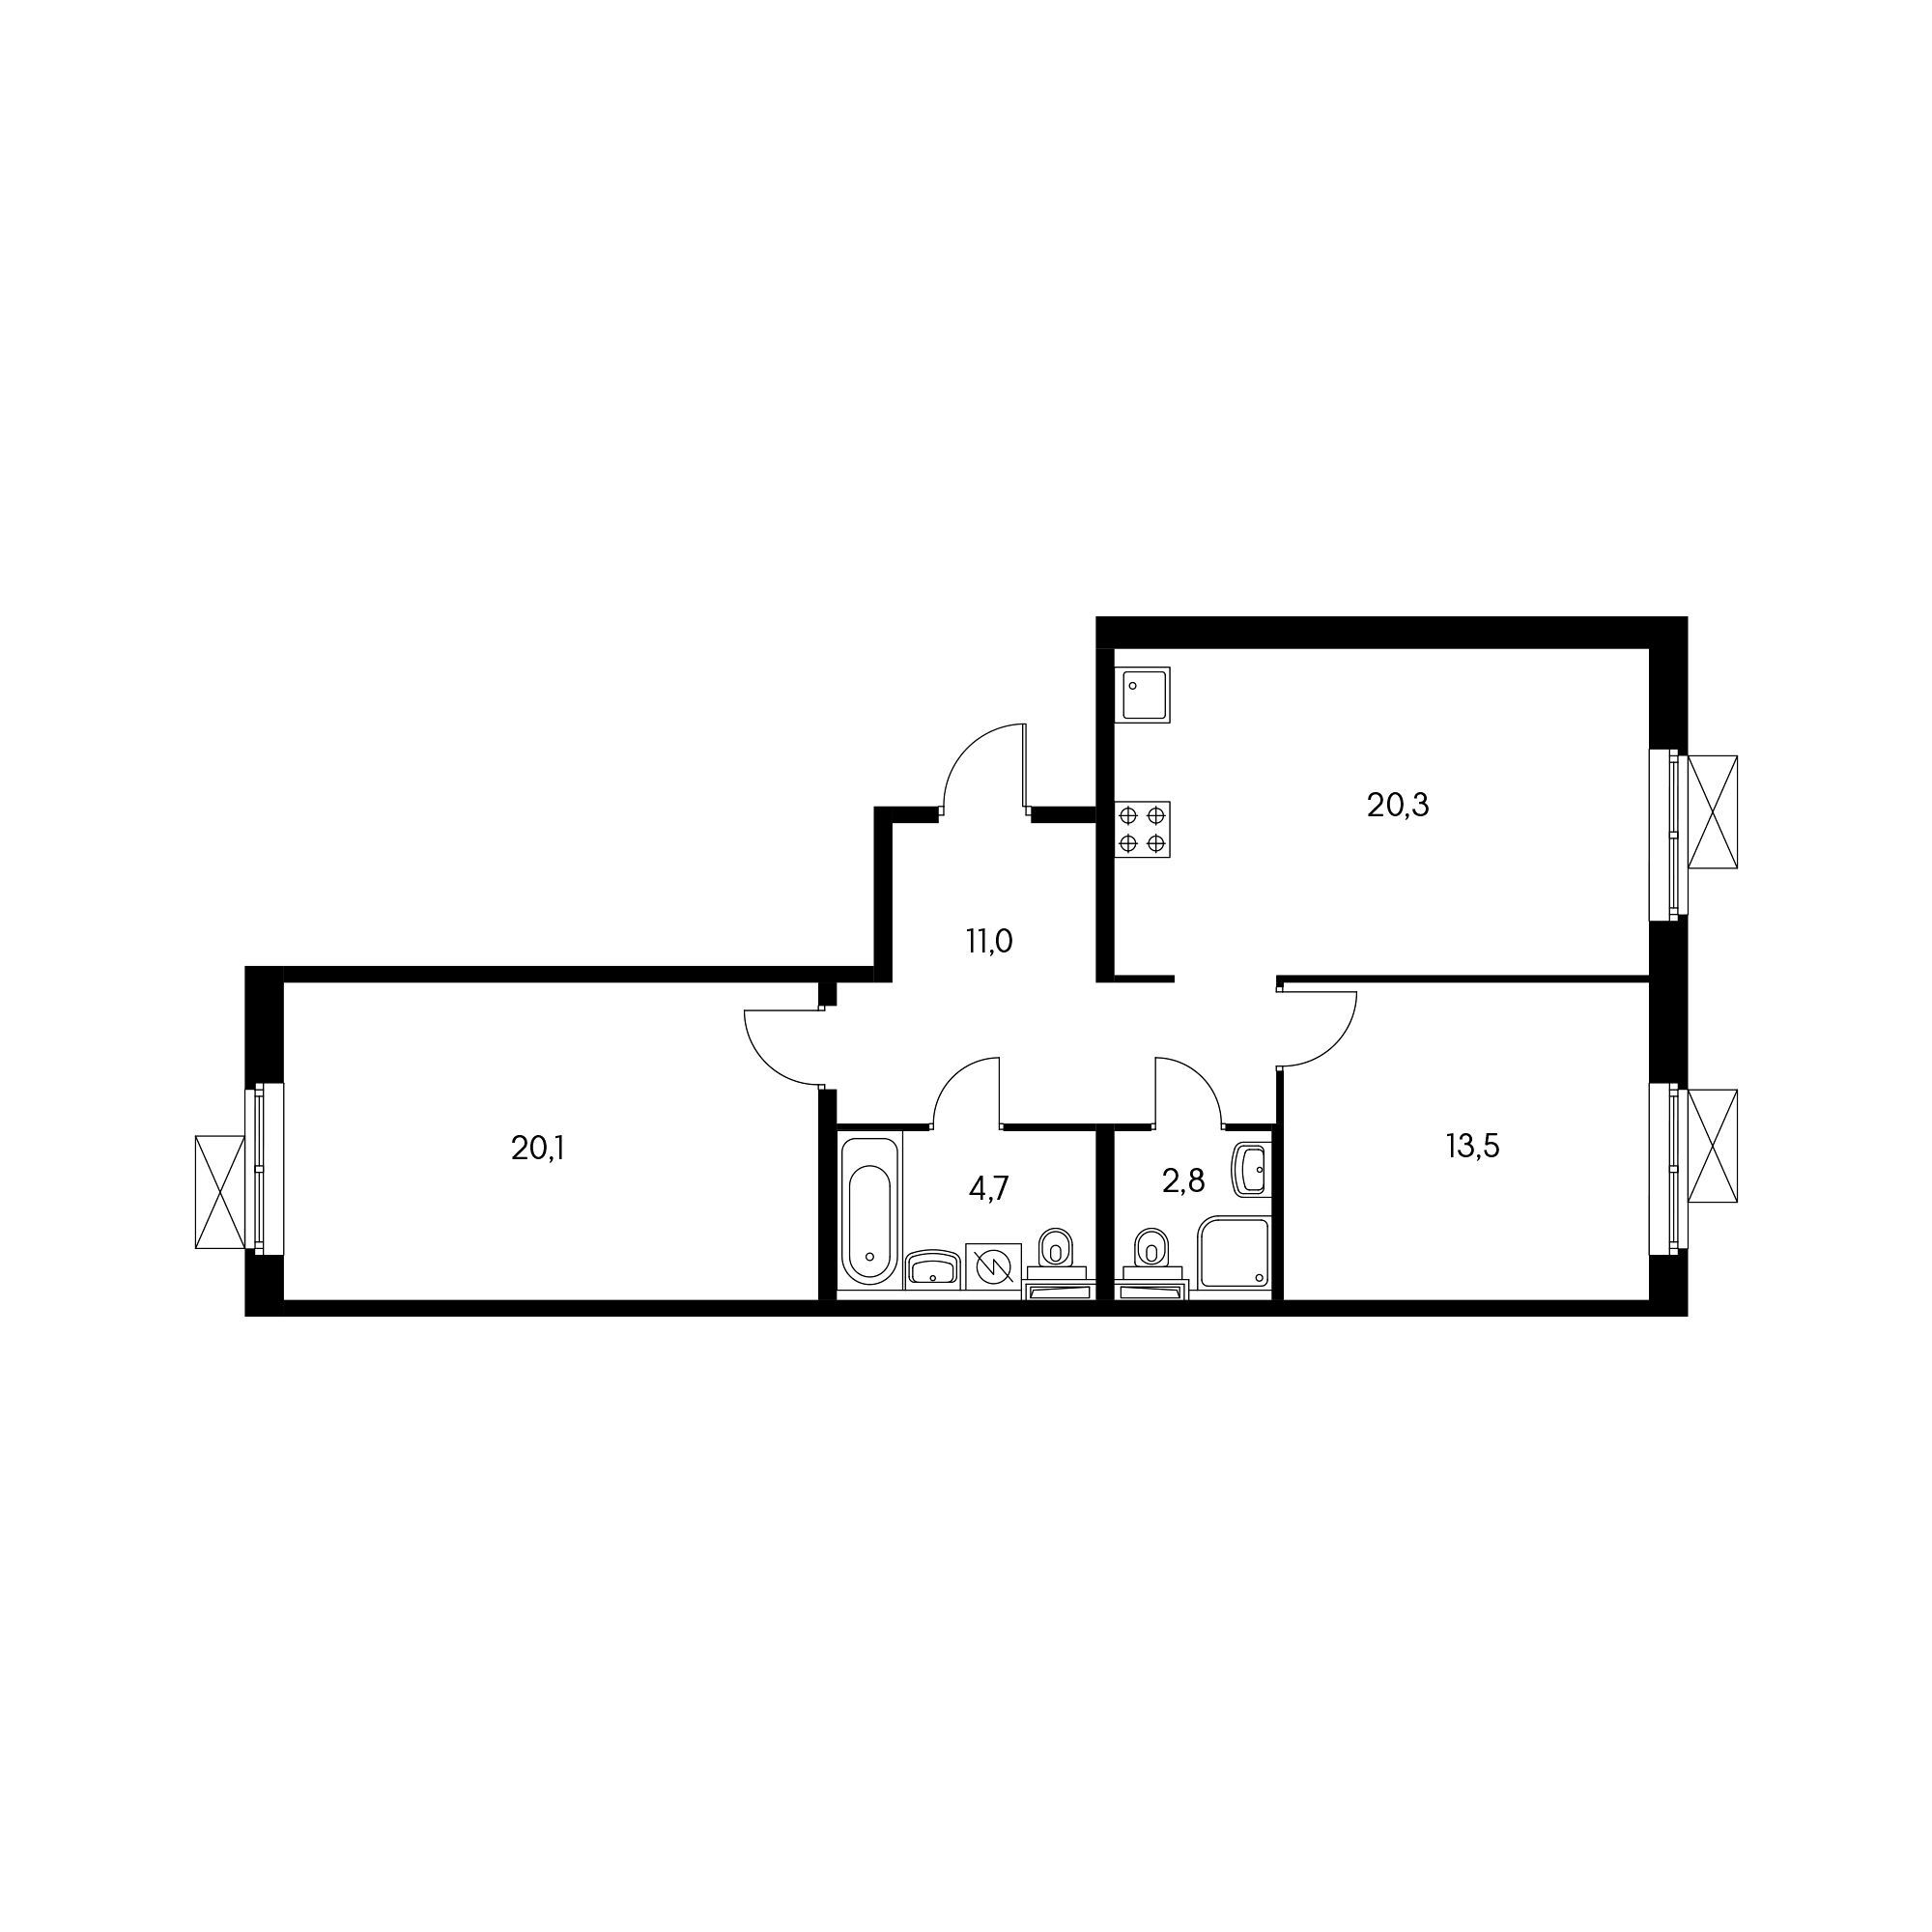 2EL3_7.2-1_T